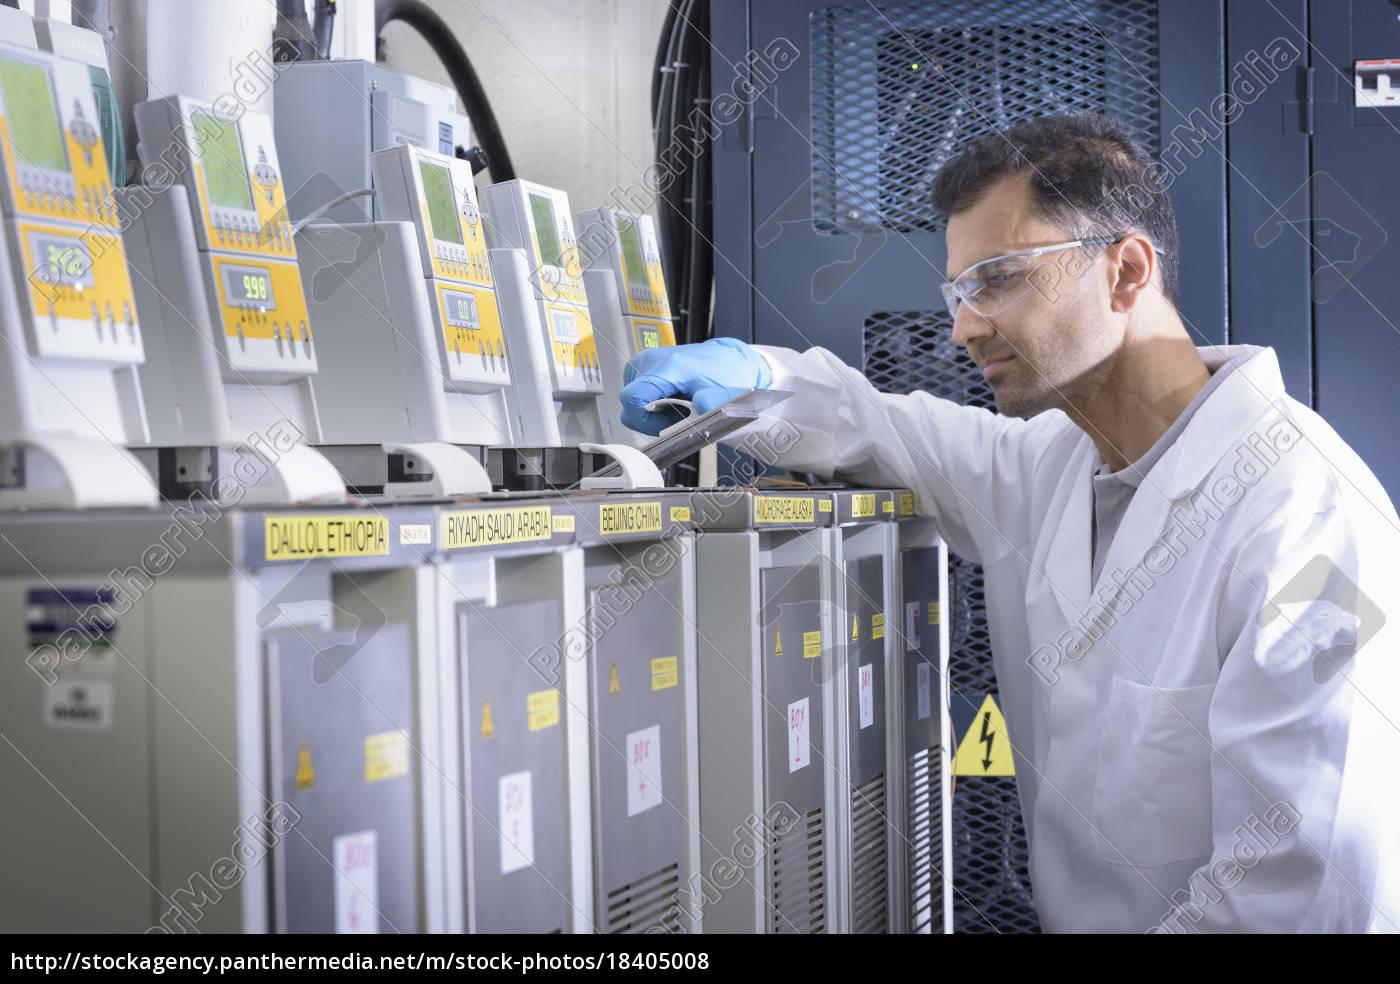 wissenschaftler, mit, lithium-ionen-batterie-aging-equipment, in, batterie-forschungseinrichtung - 18405008